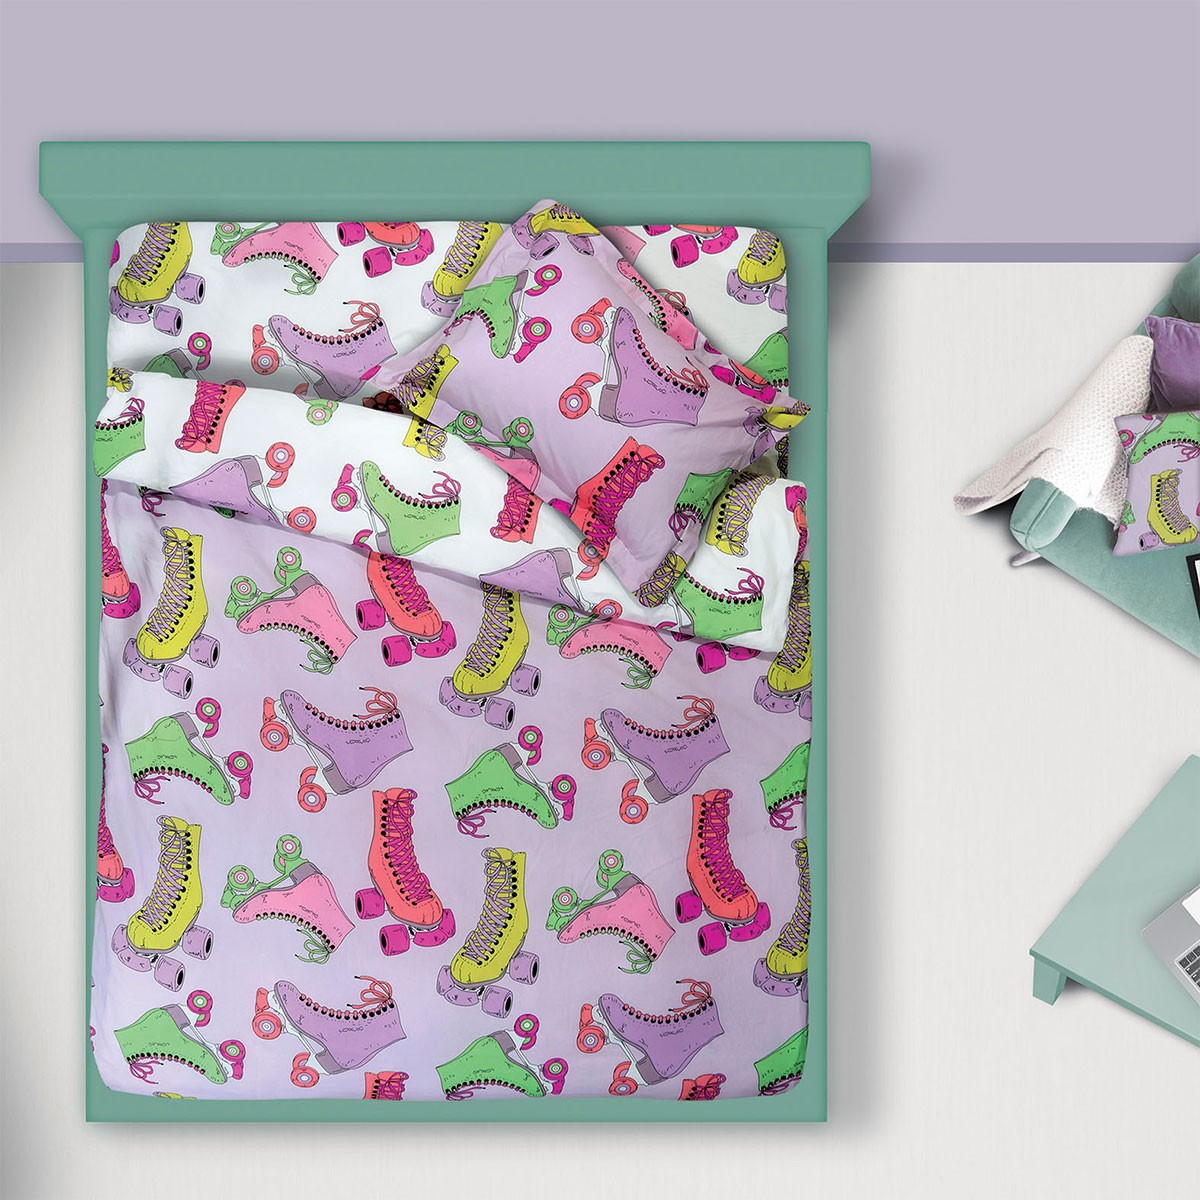 Σεντόνια Μονά (Σετ) Das Home Kid Prints 4566